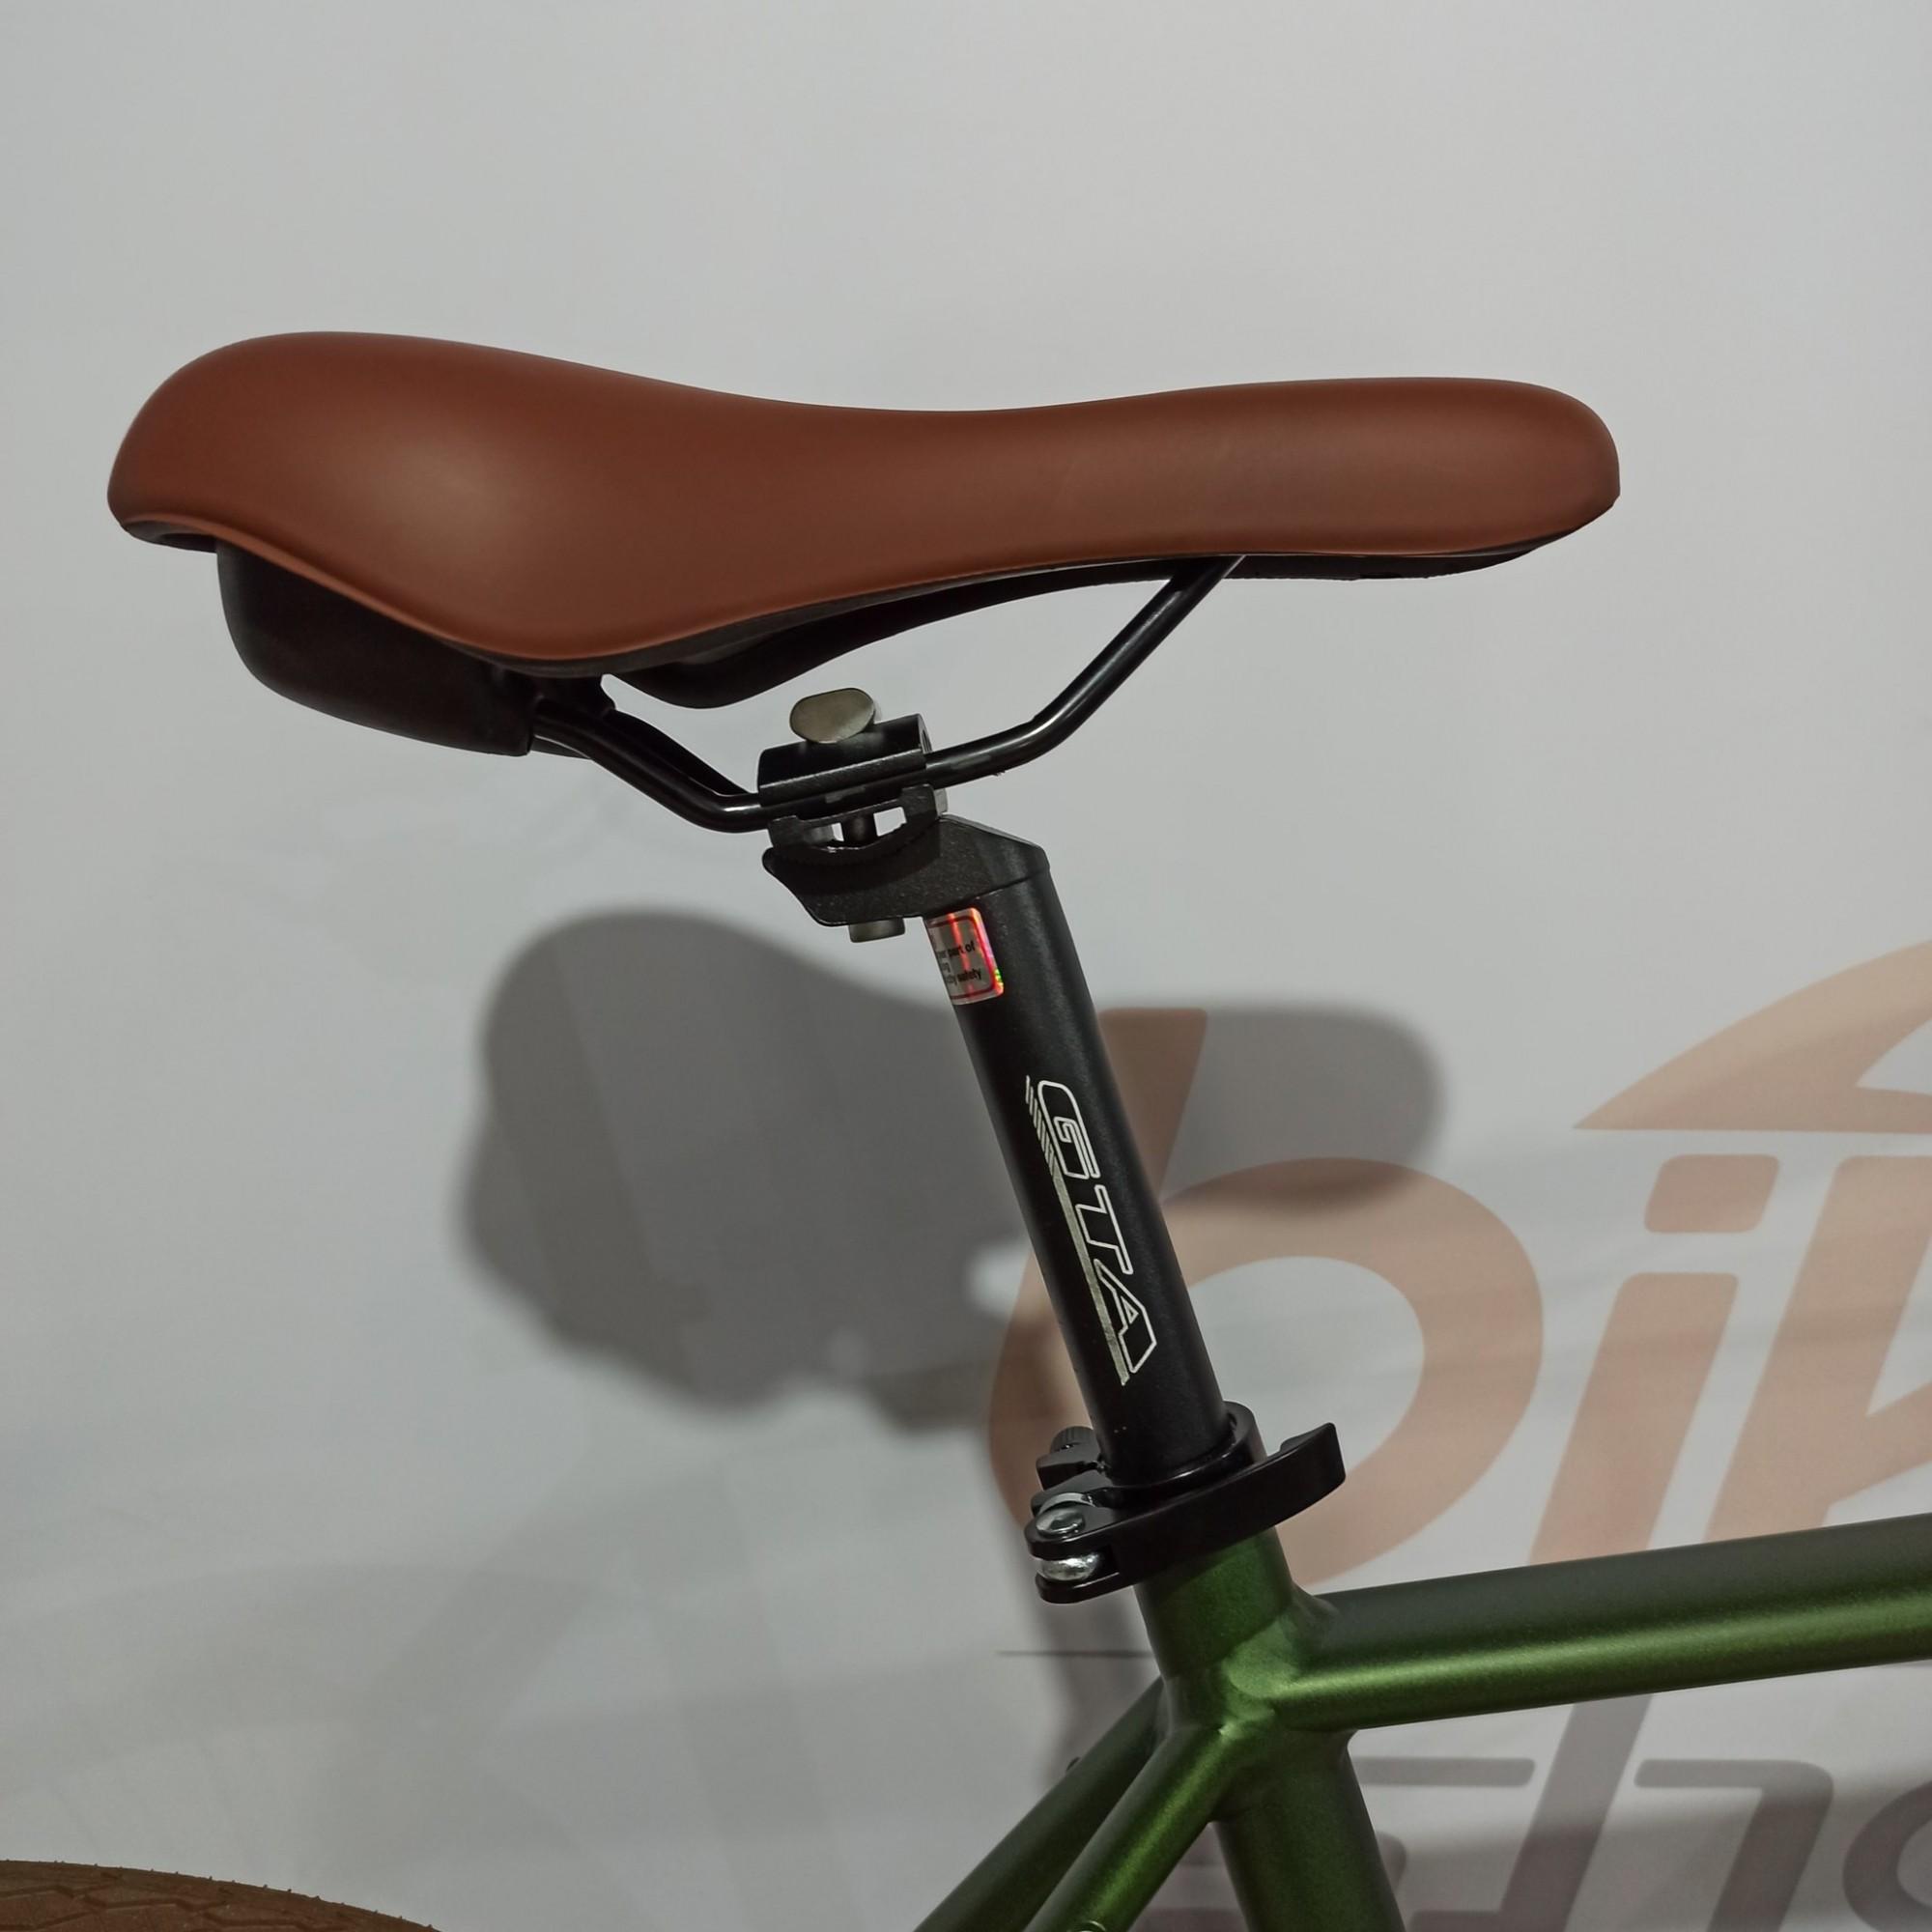 Bicicleta ABSOLUTE All Road - 16v Shimano Claris - Rodas Strike com Cubos Shimano - Tam.54